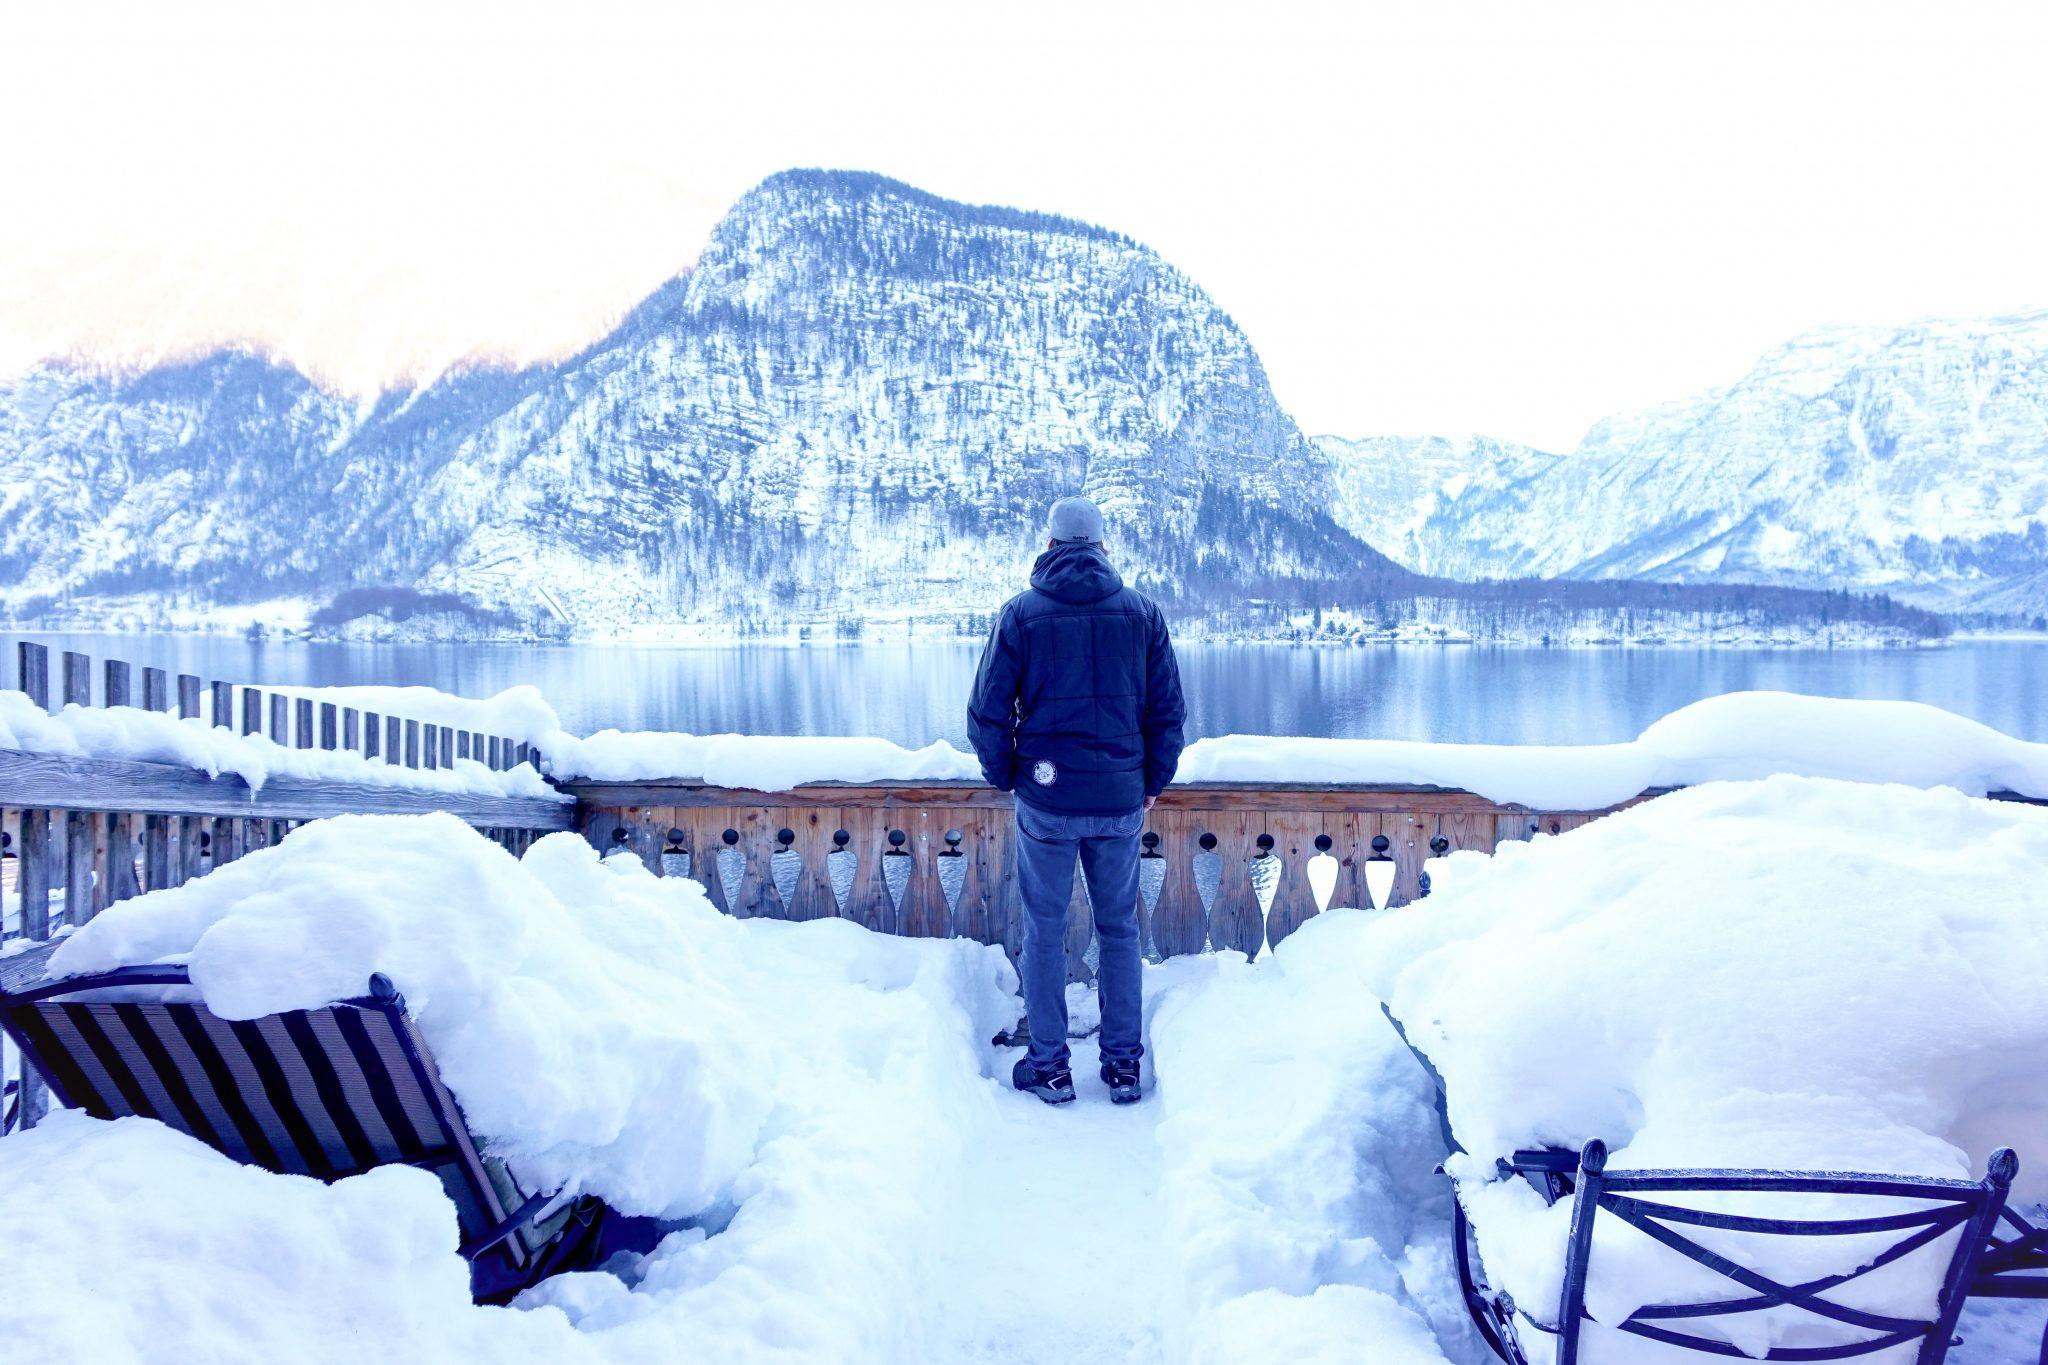 Seehotel Gruner Baum, Hallstatt in winter, Austria